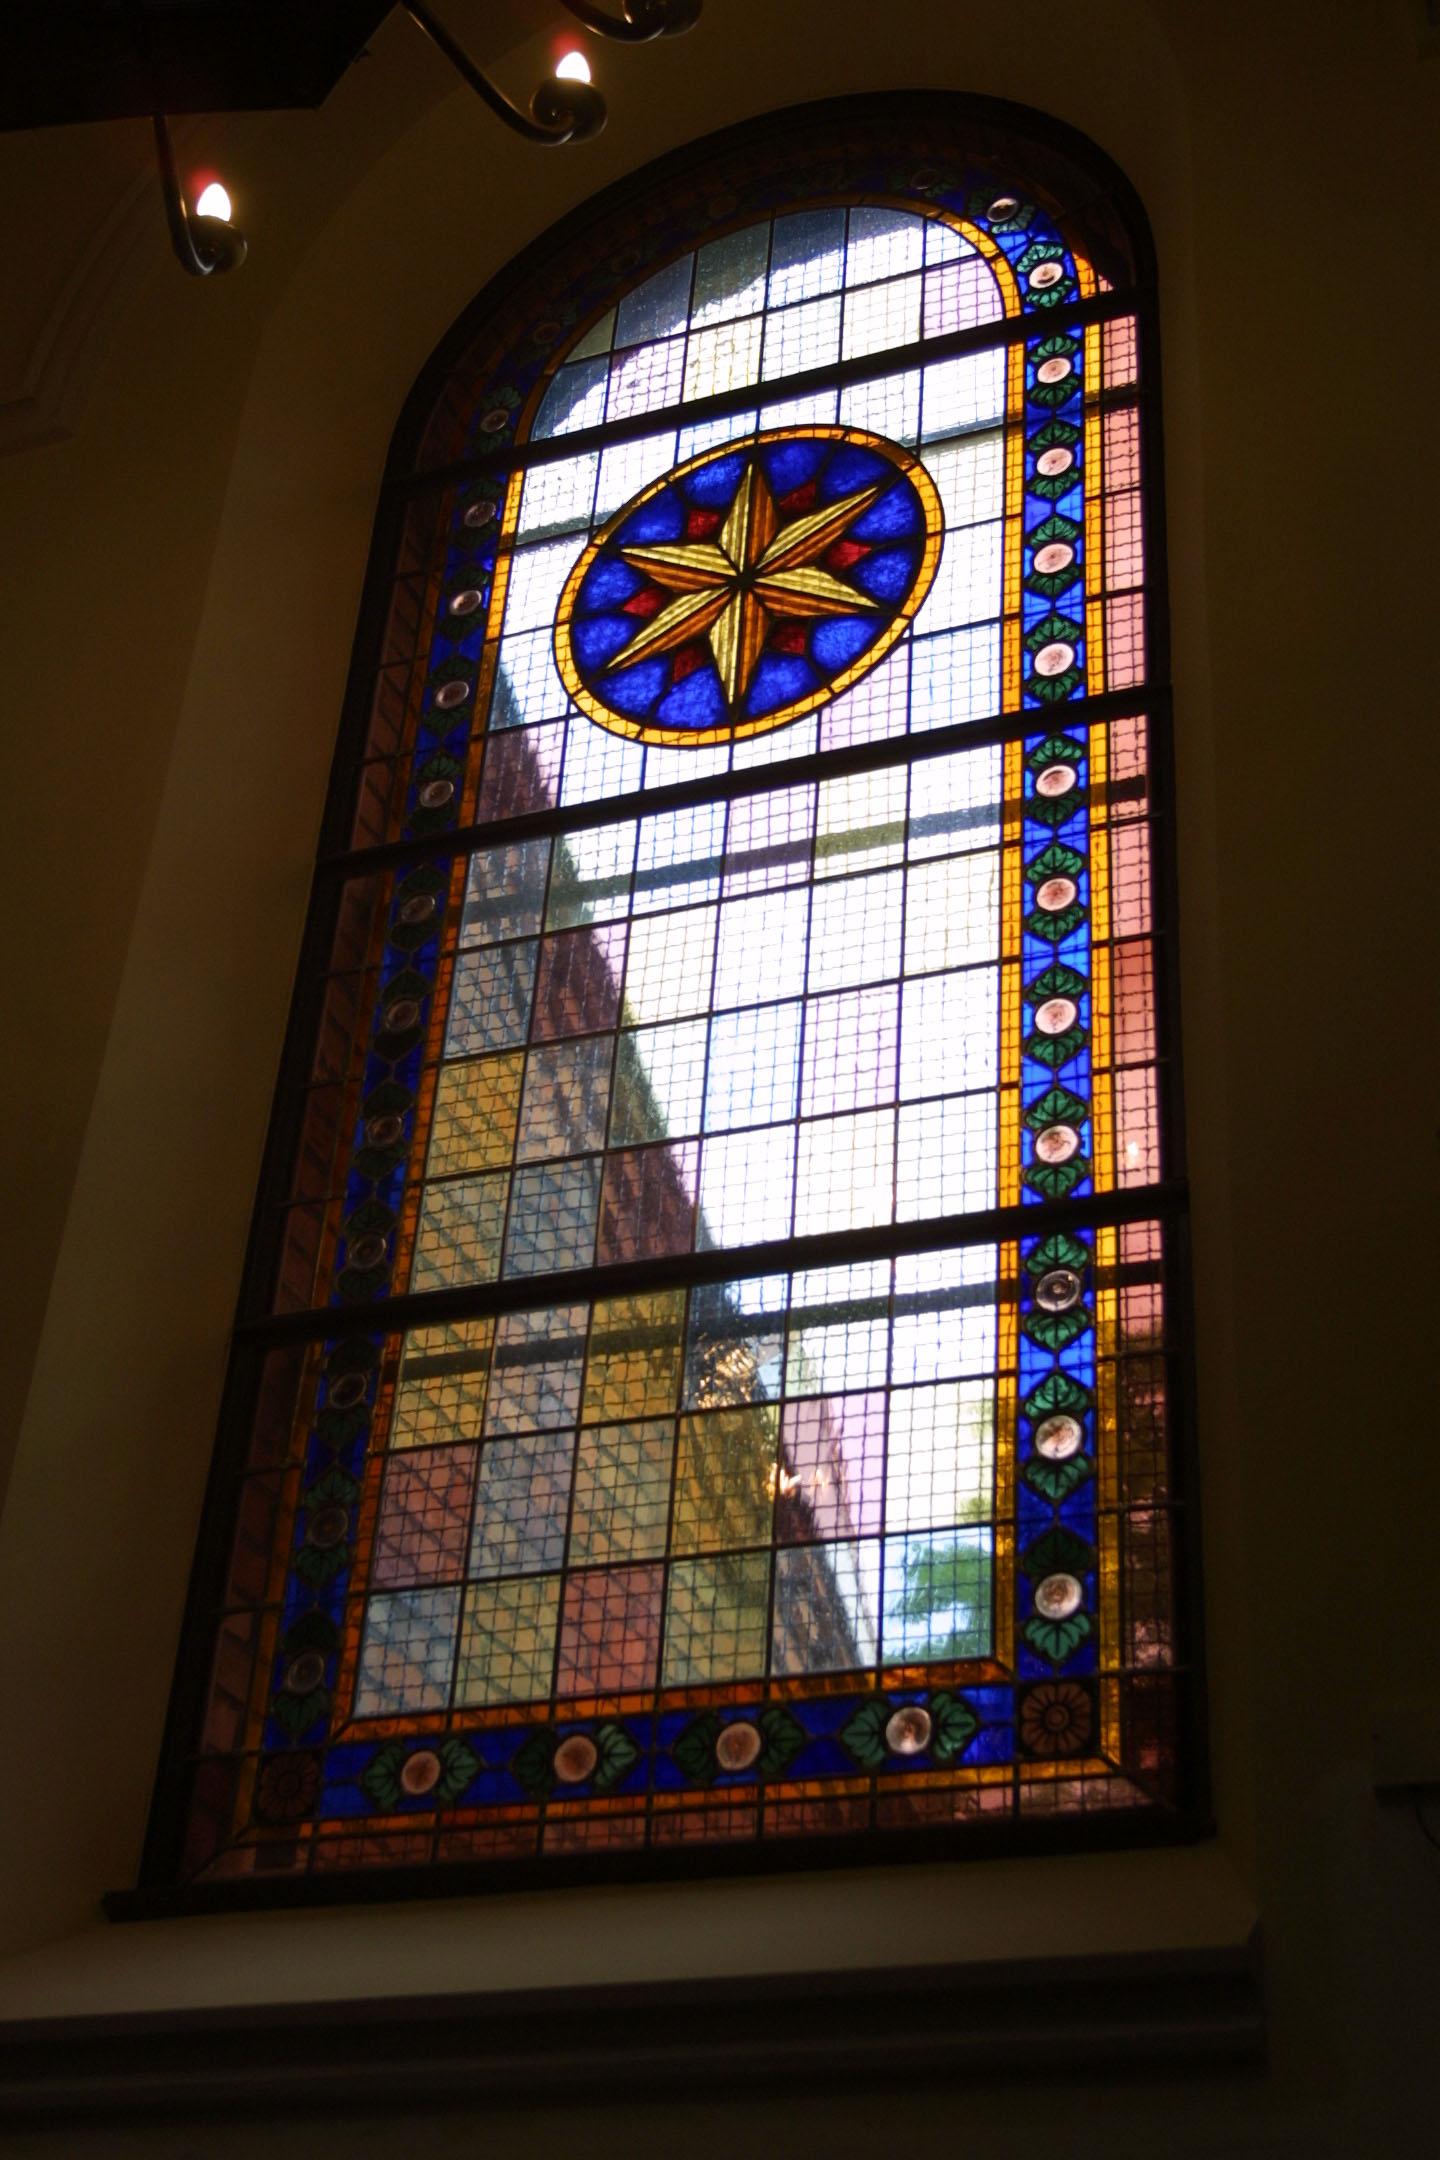 Kirchenfenster der St. Marien am Behnitz, Bleiverglasung und Glasmalerei individuell gefertigt Motiv Stern